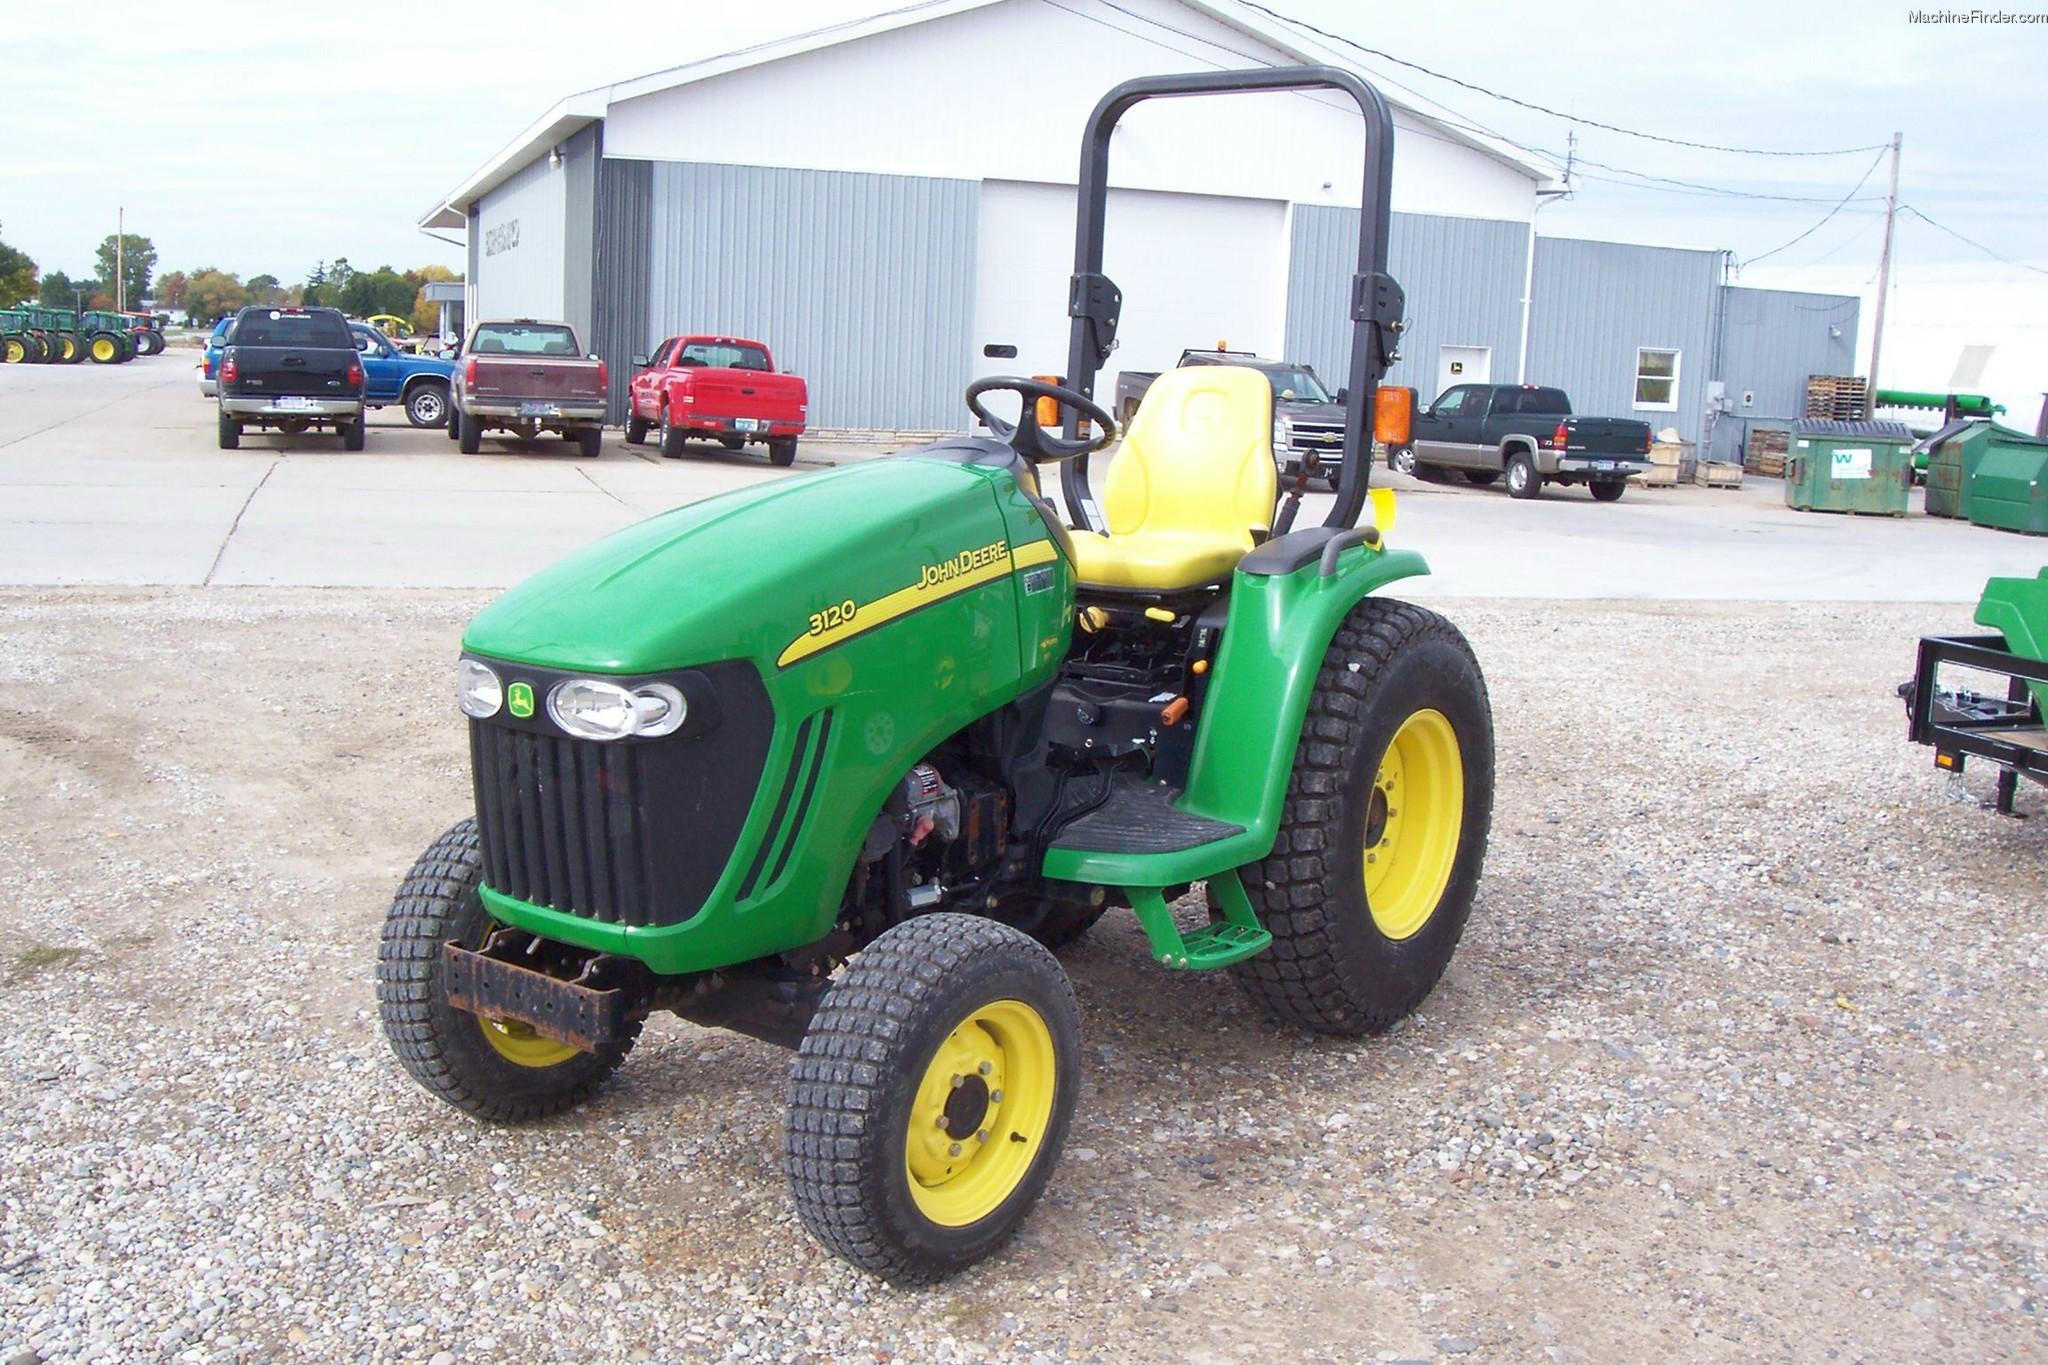 2006 John Deere 3120 Tractors - Compact (1-40hp.) - John Deere ...